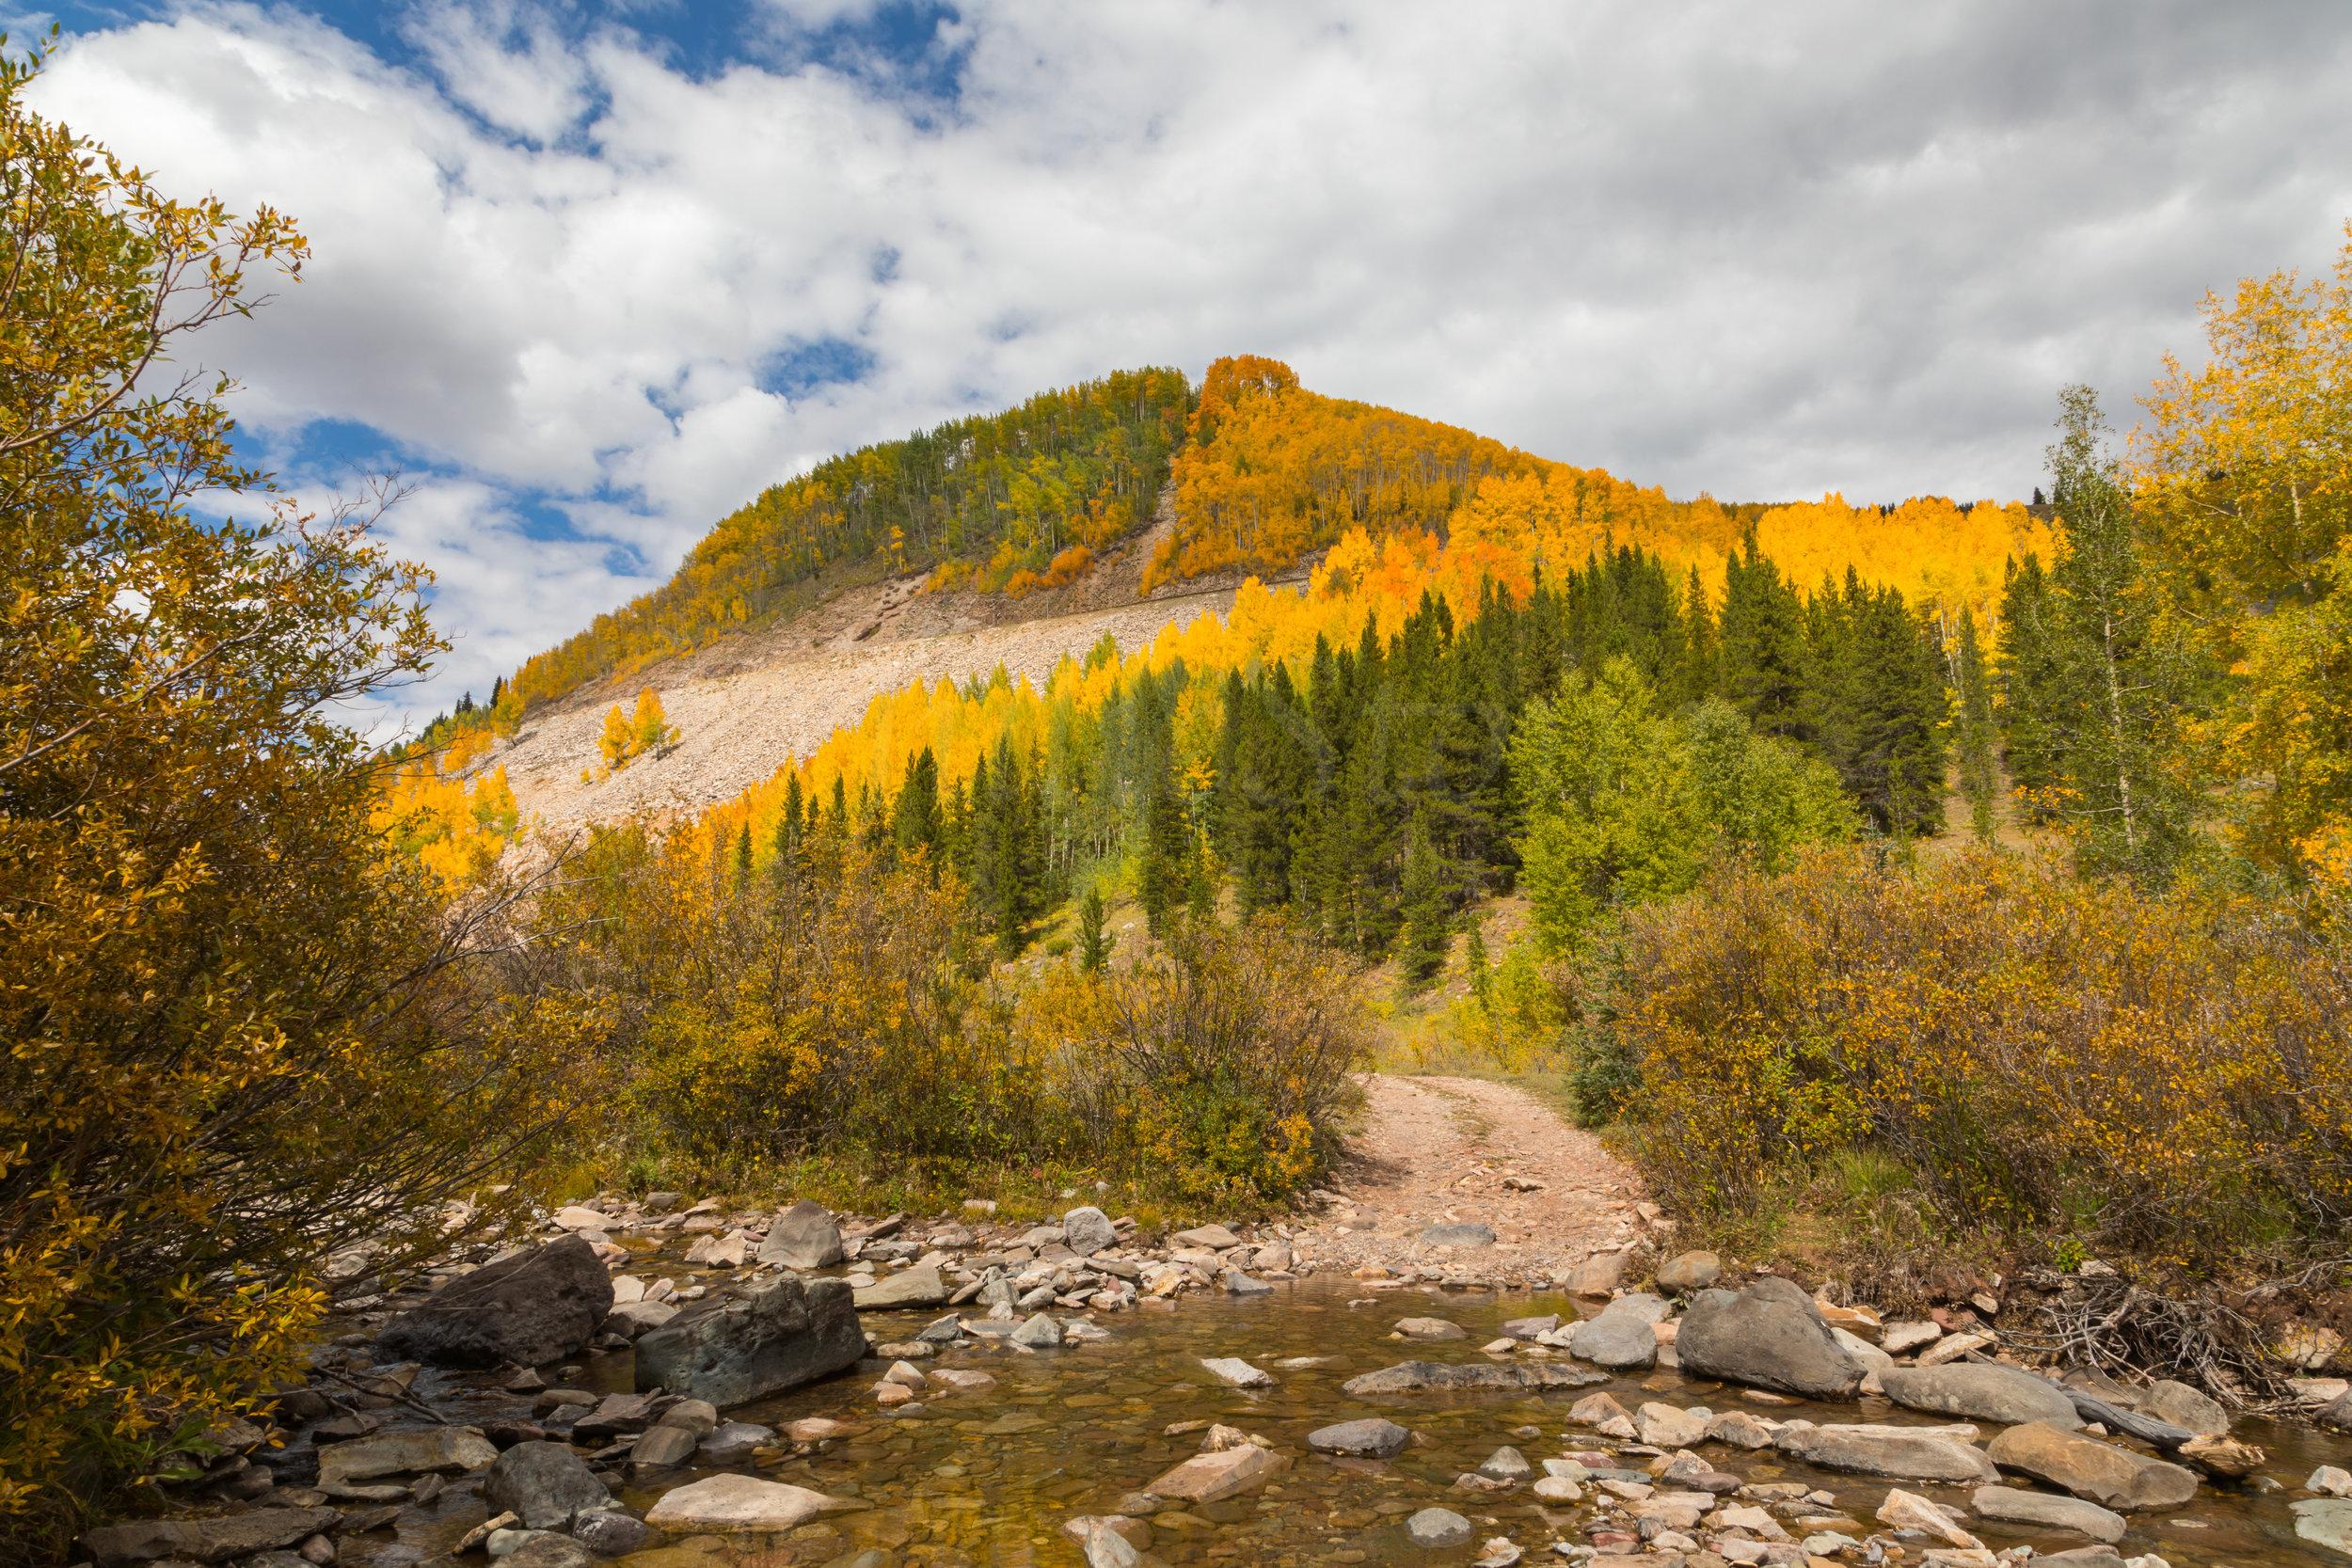 Lime Creek, Image # 4011